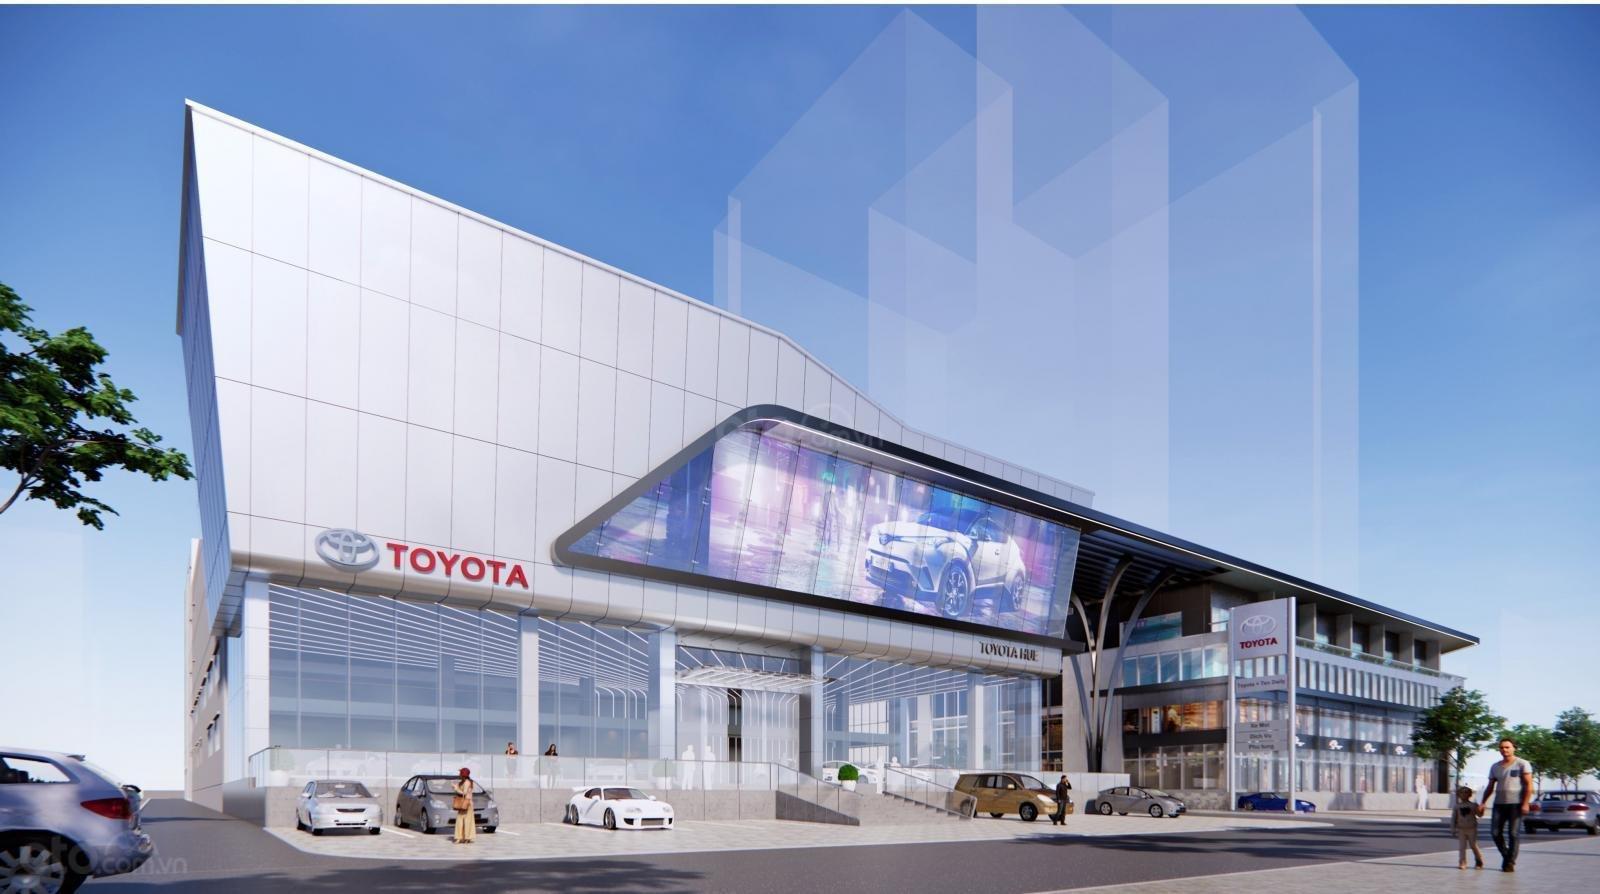 Hàng loạt ưu đãi mừng khai trương đại lý Toyota chính thức tại Huế tháng 10- hotline: 0935 772 795 | 0369 564 984 (2)